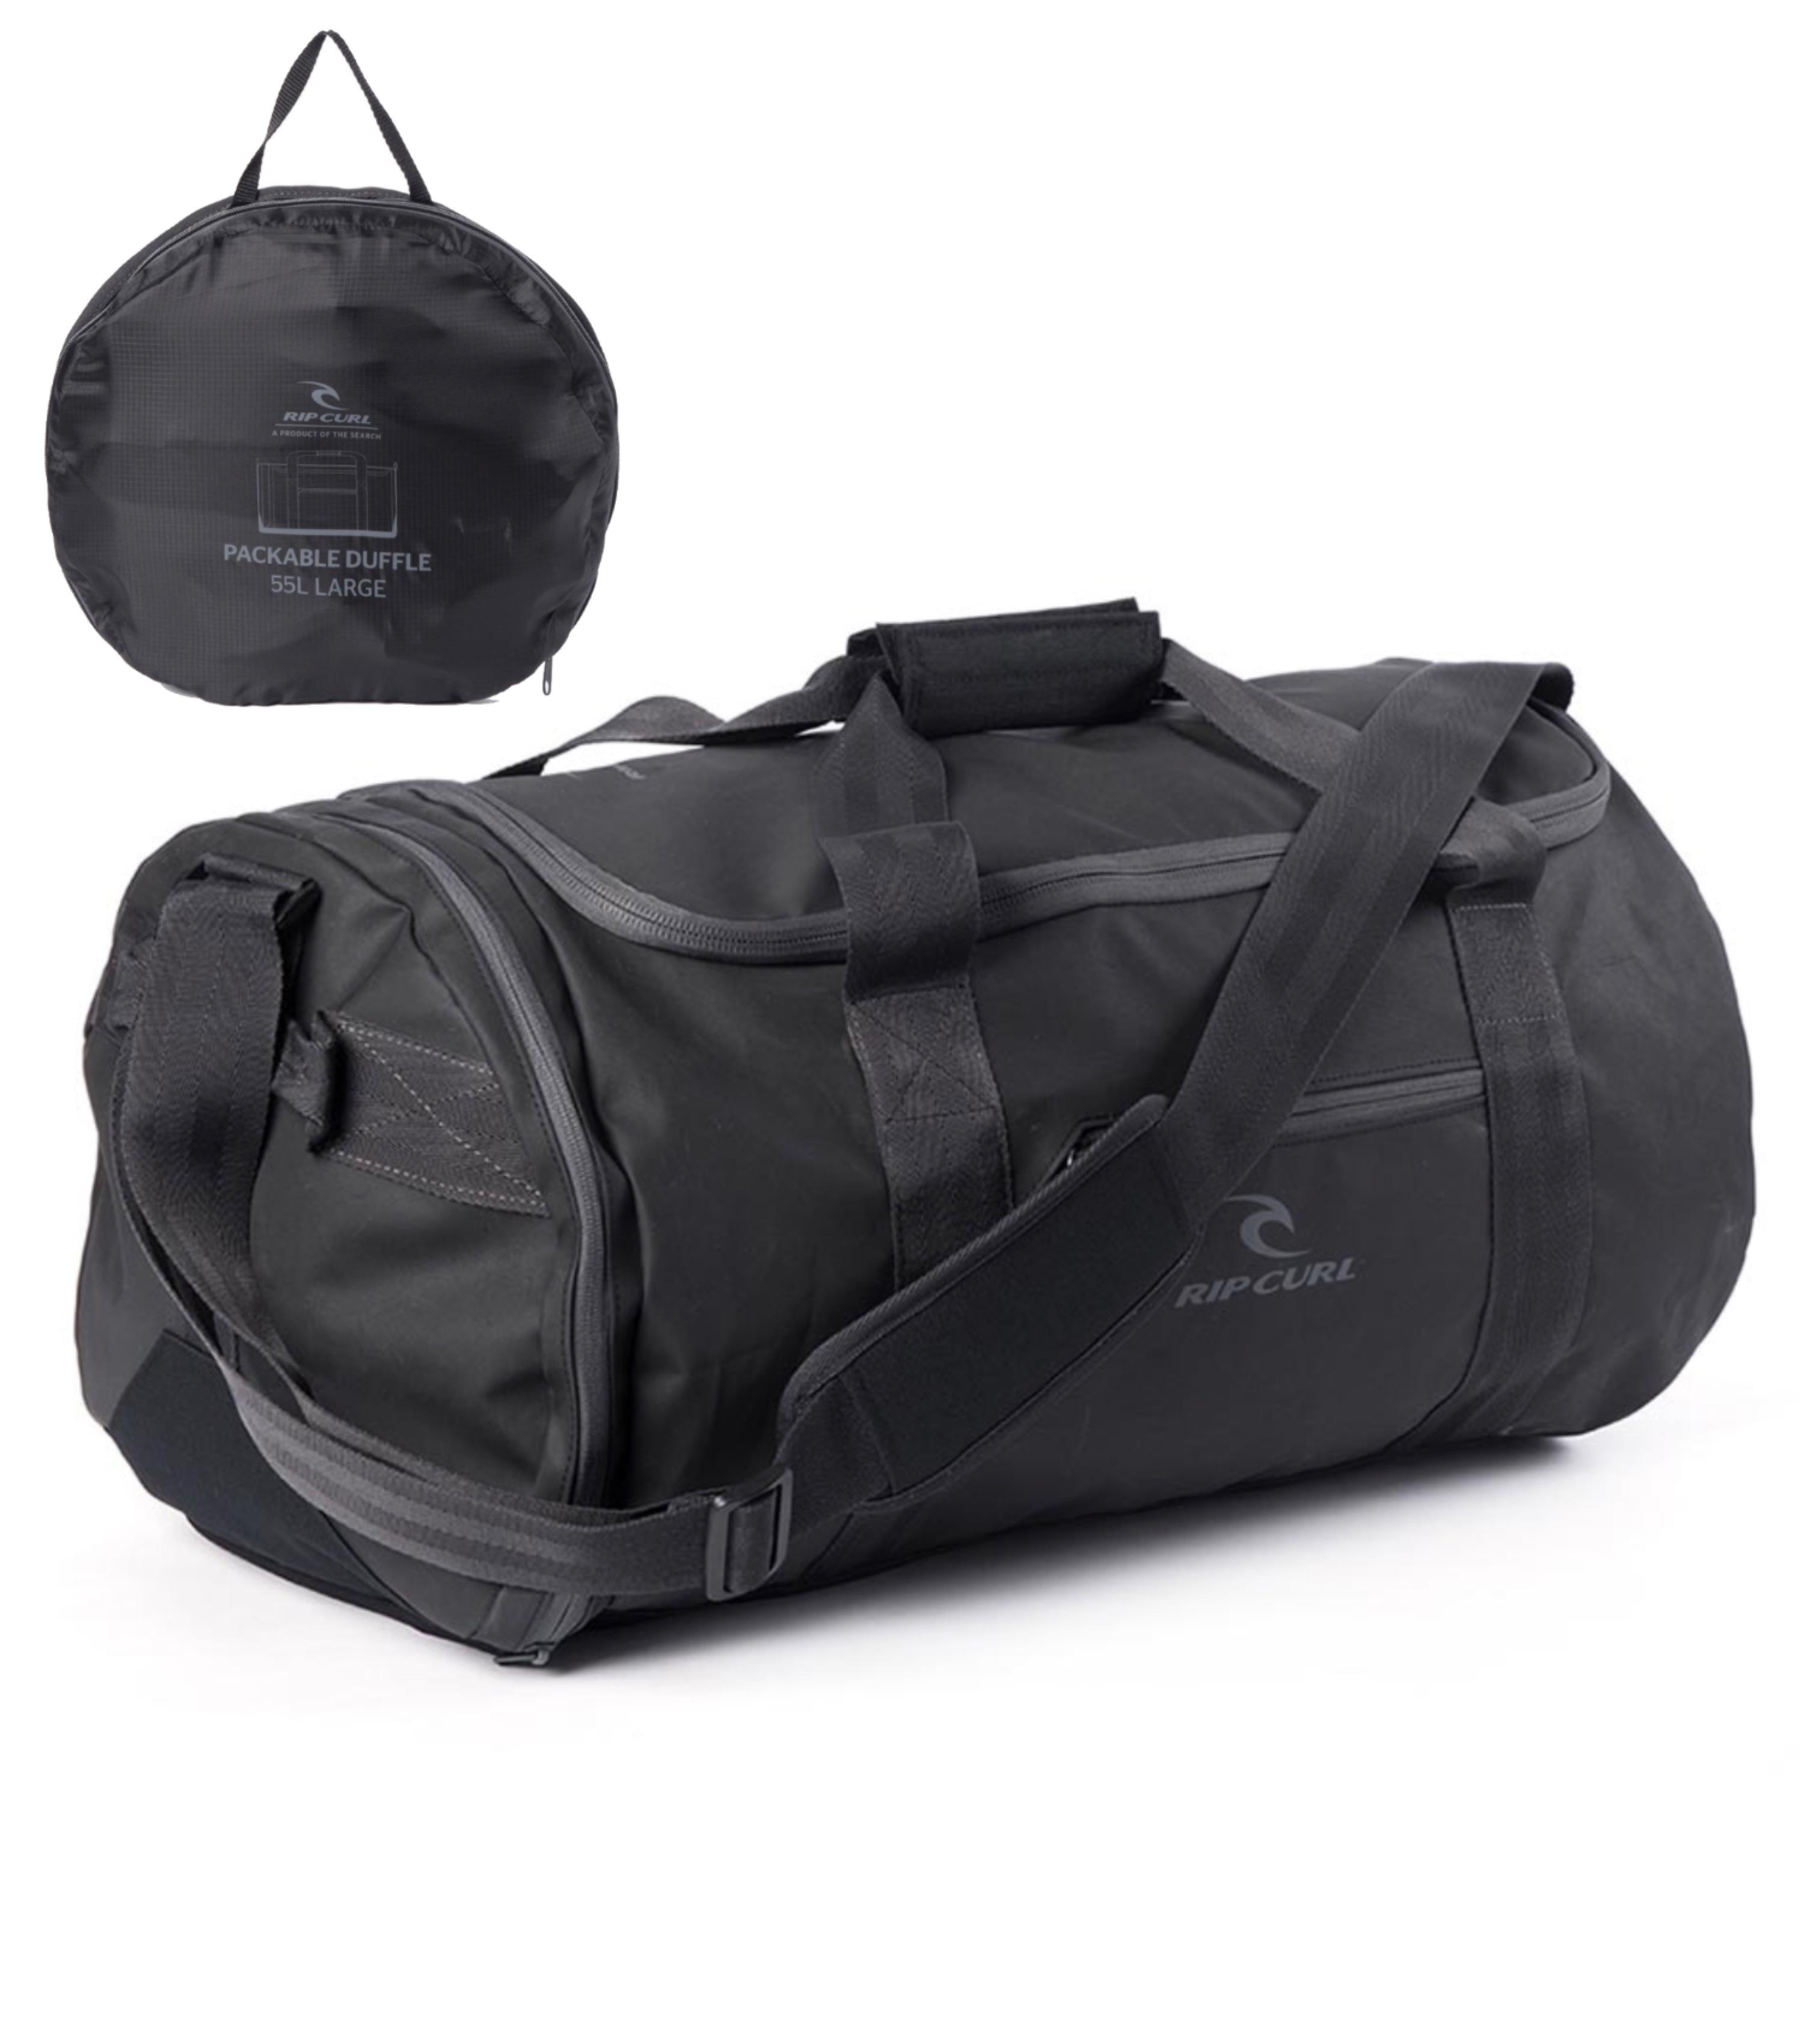 Duffel Bag As My Travel Bag?